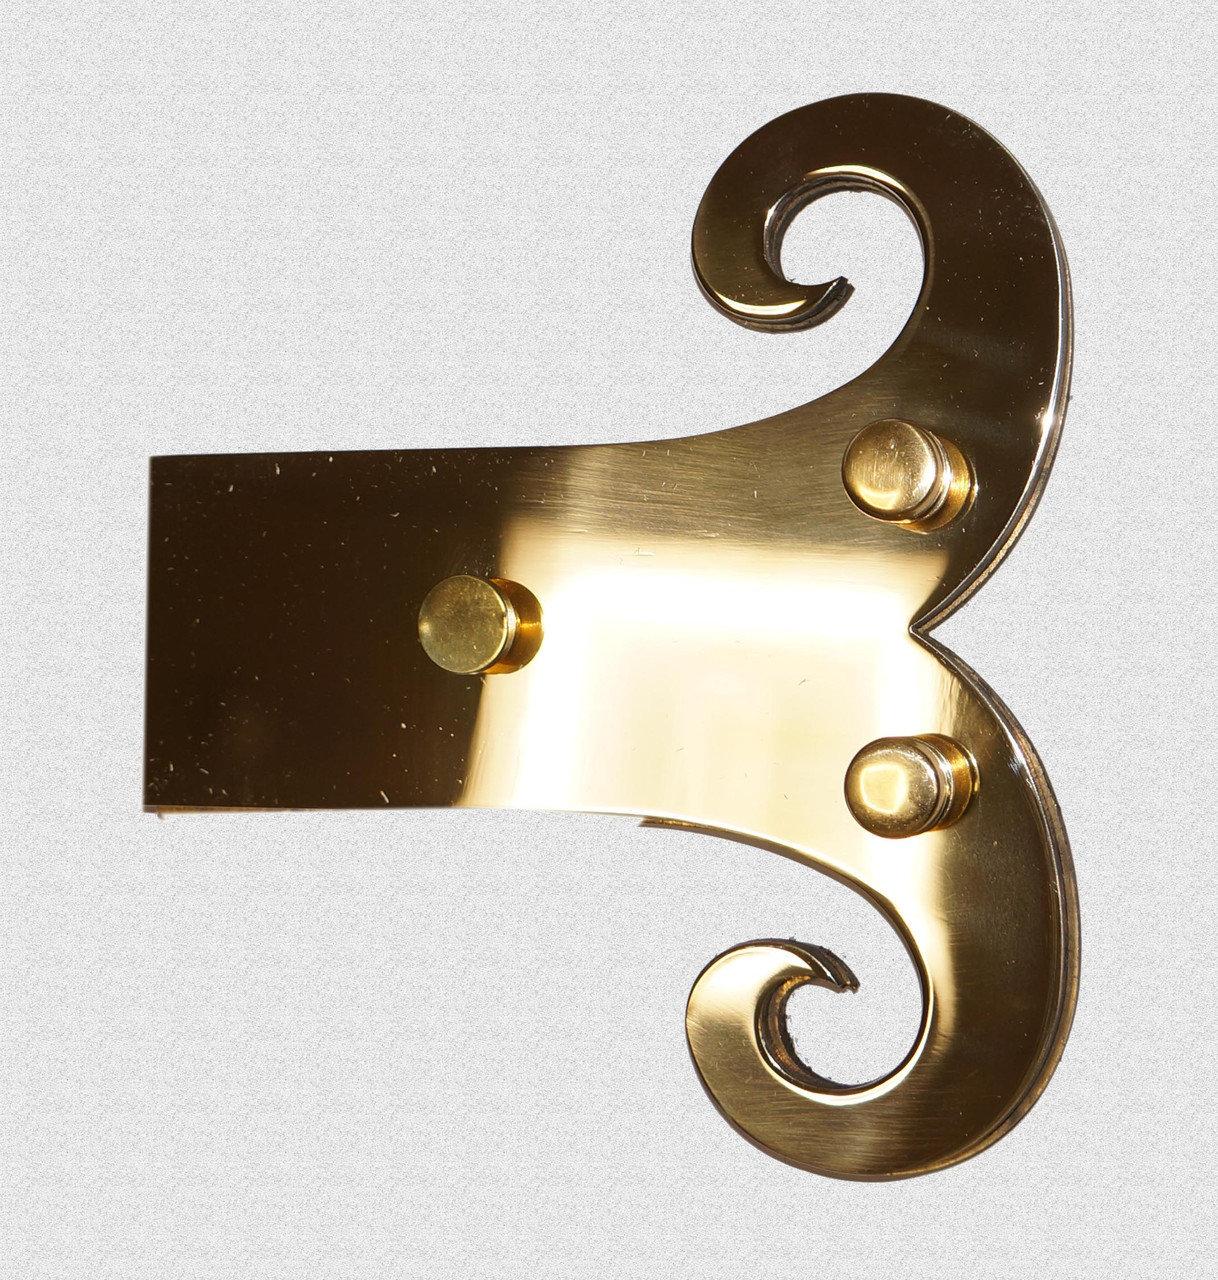 Жиковина латунная, декоративная, арт: 04-008